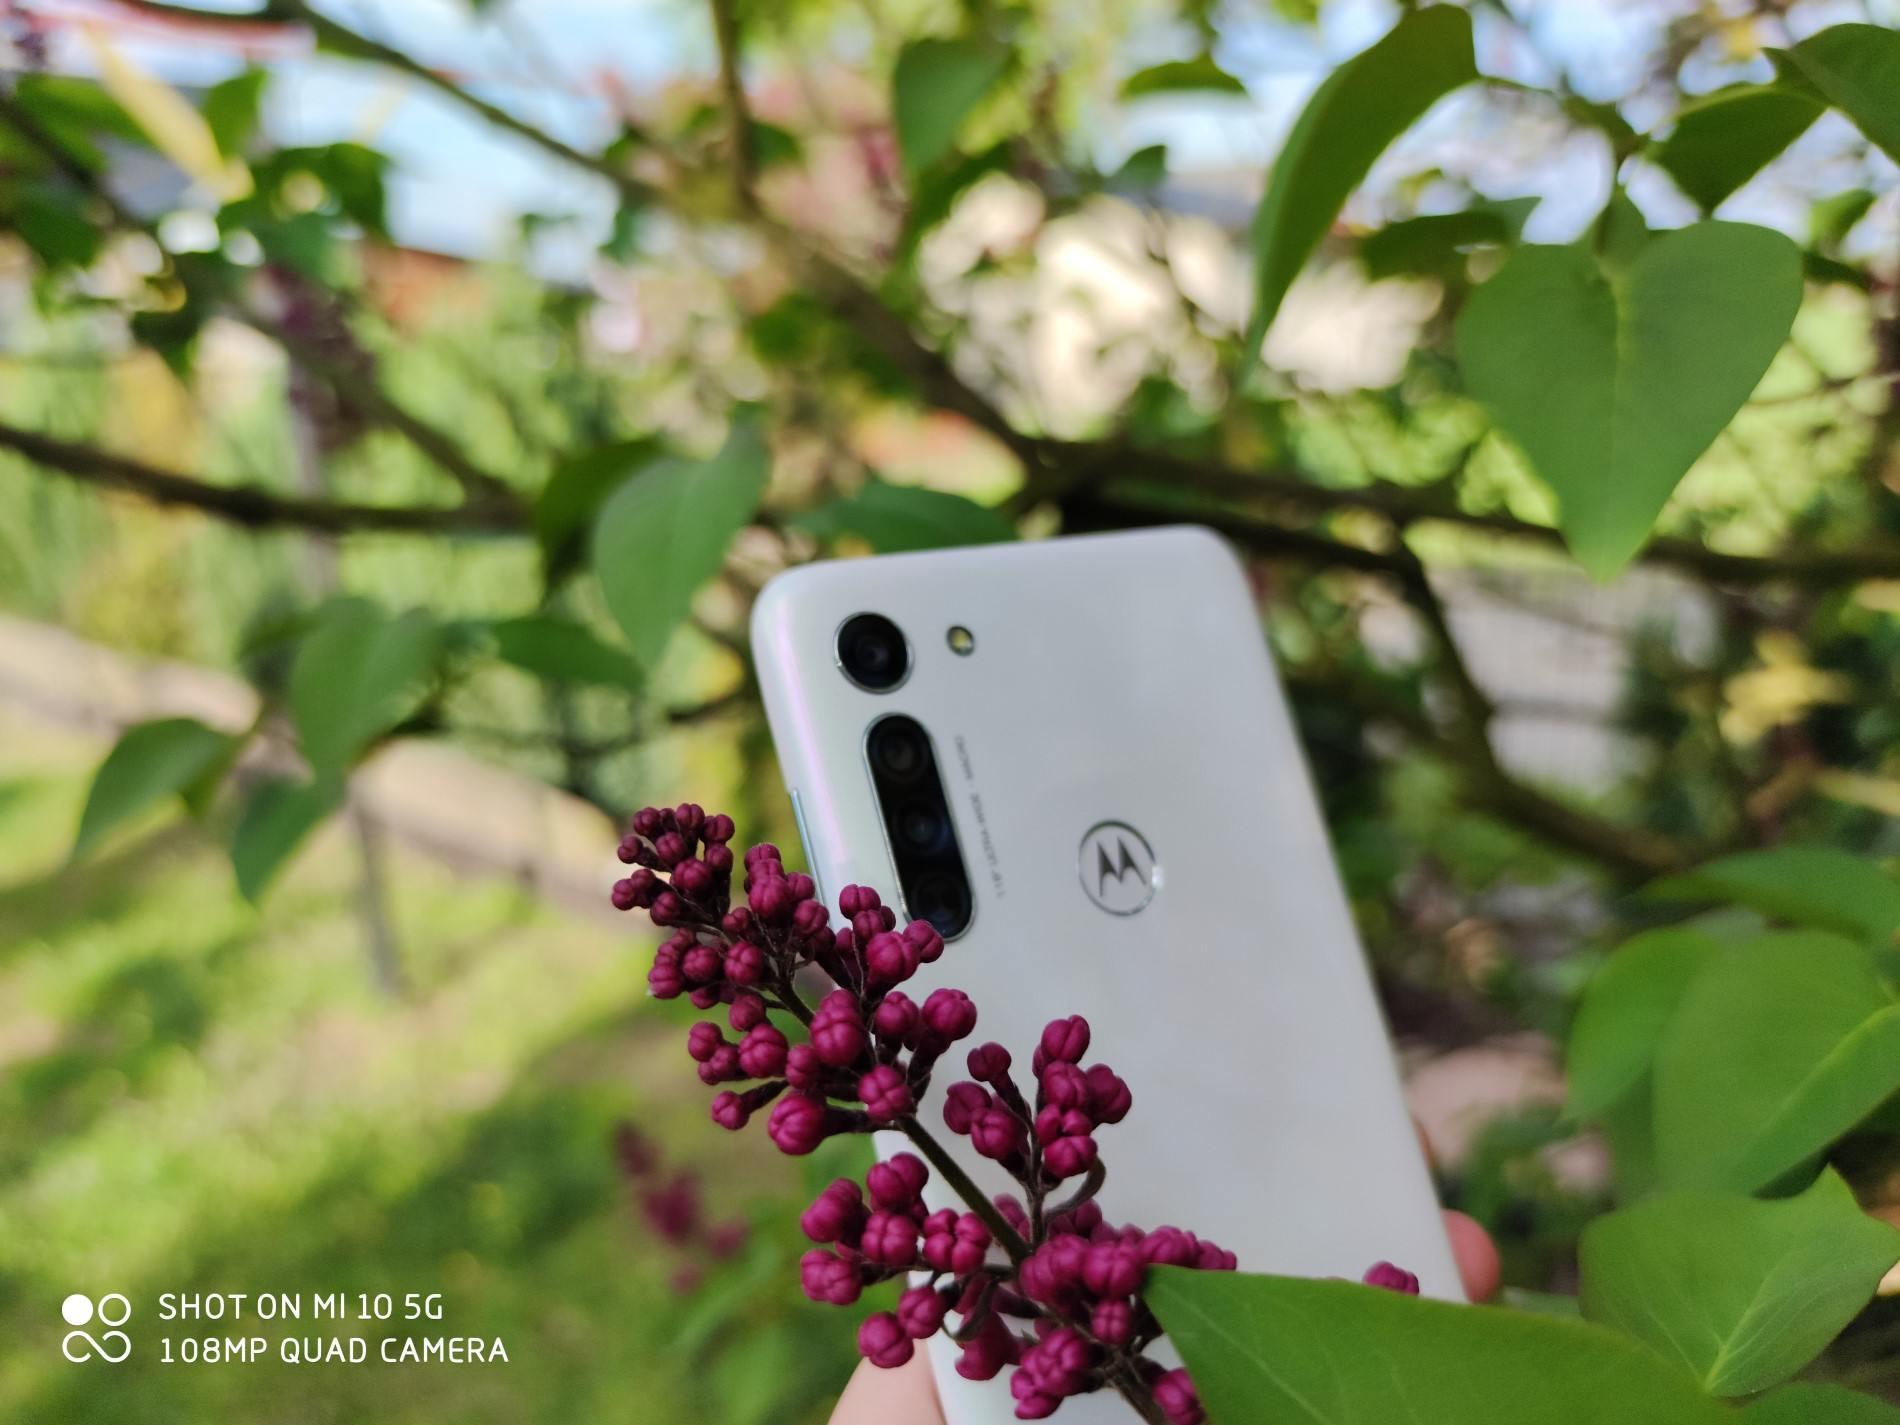 Zdjęcie zrobione Xiaomi Mi 10